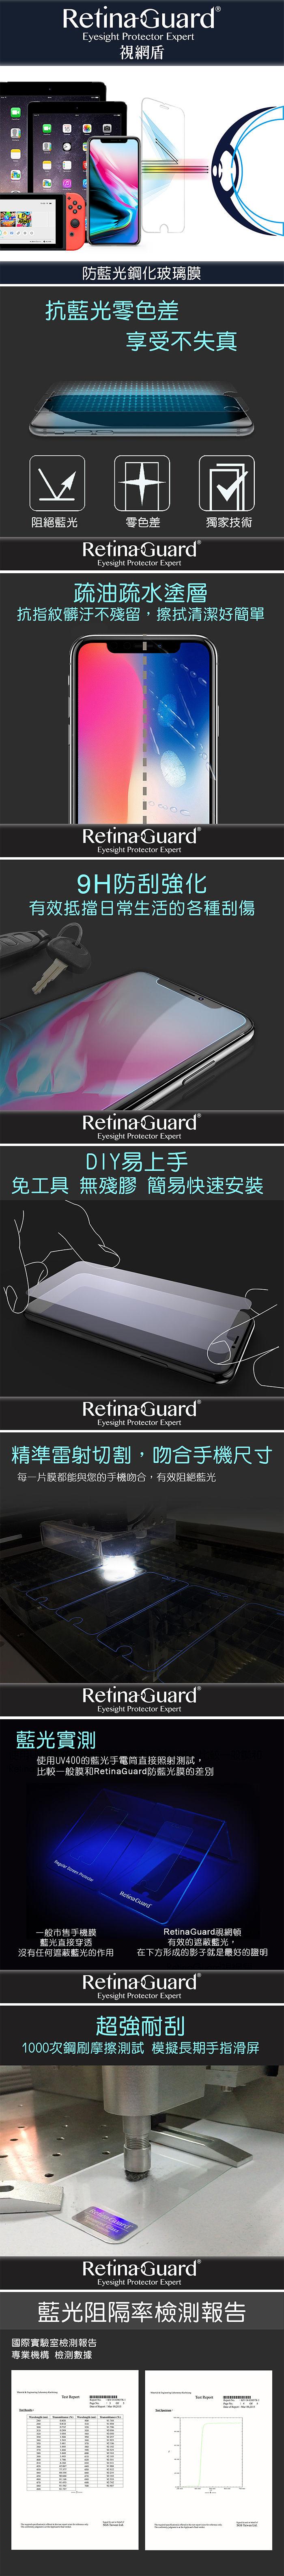 RETINAGUARD 視網盾 IPHONE SE 2020 防藍光鋼化玻璃保護貼 IPHONE 8/7共用 9H